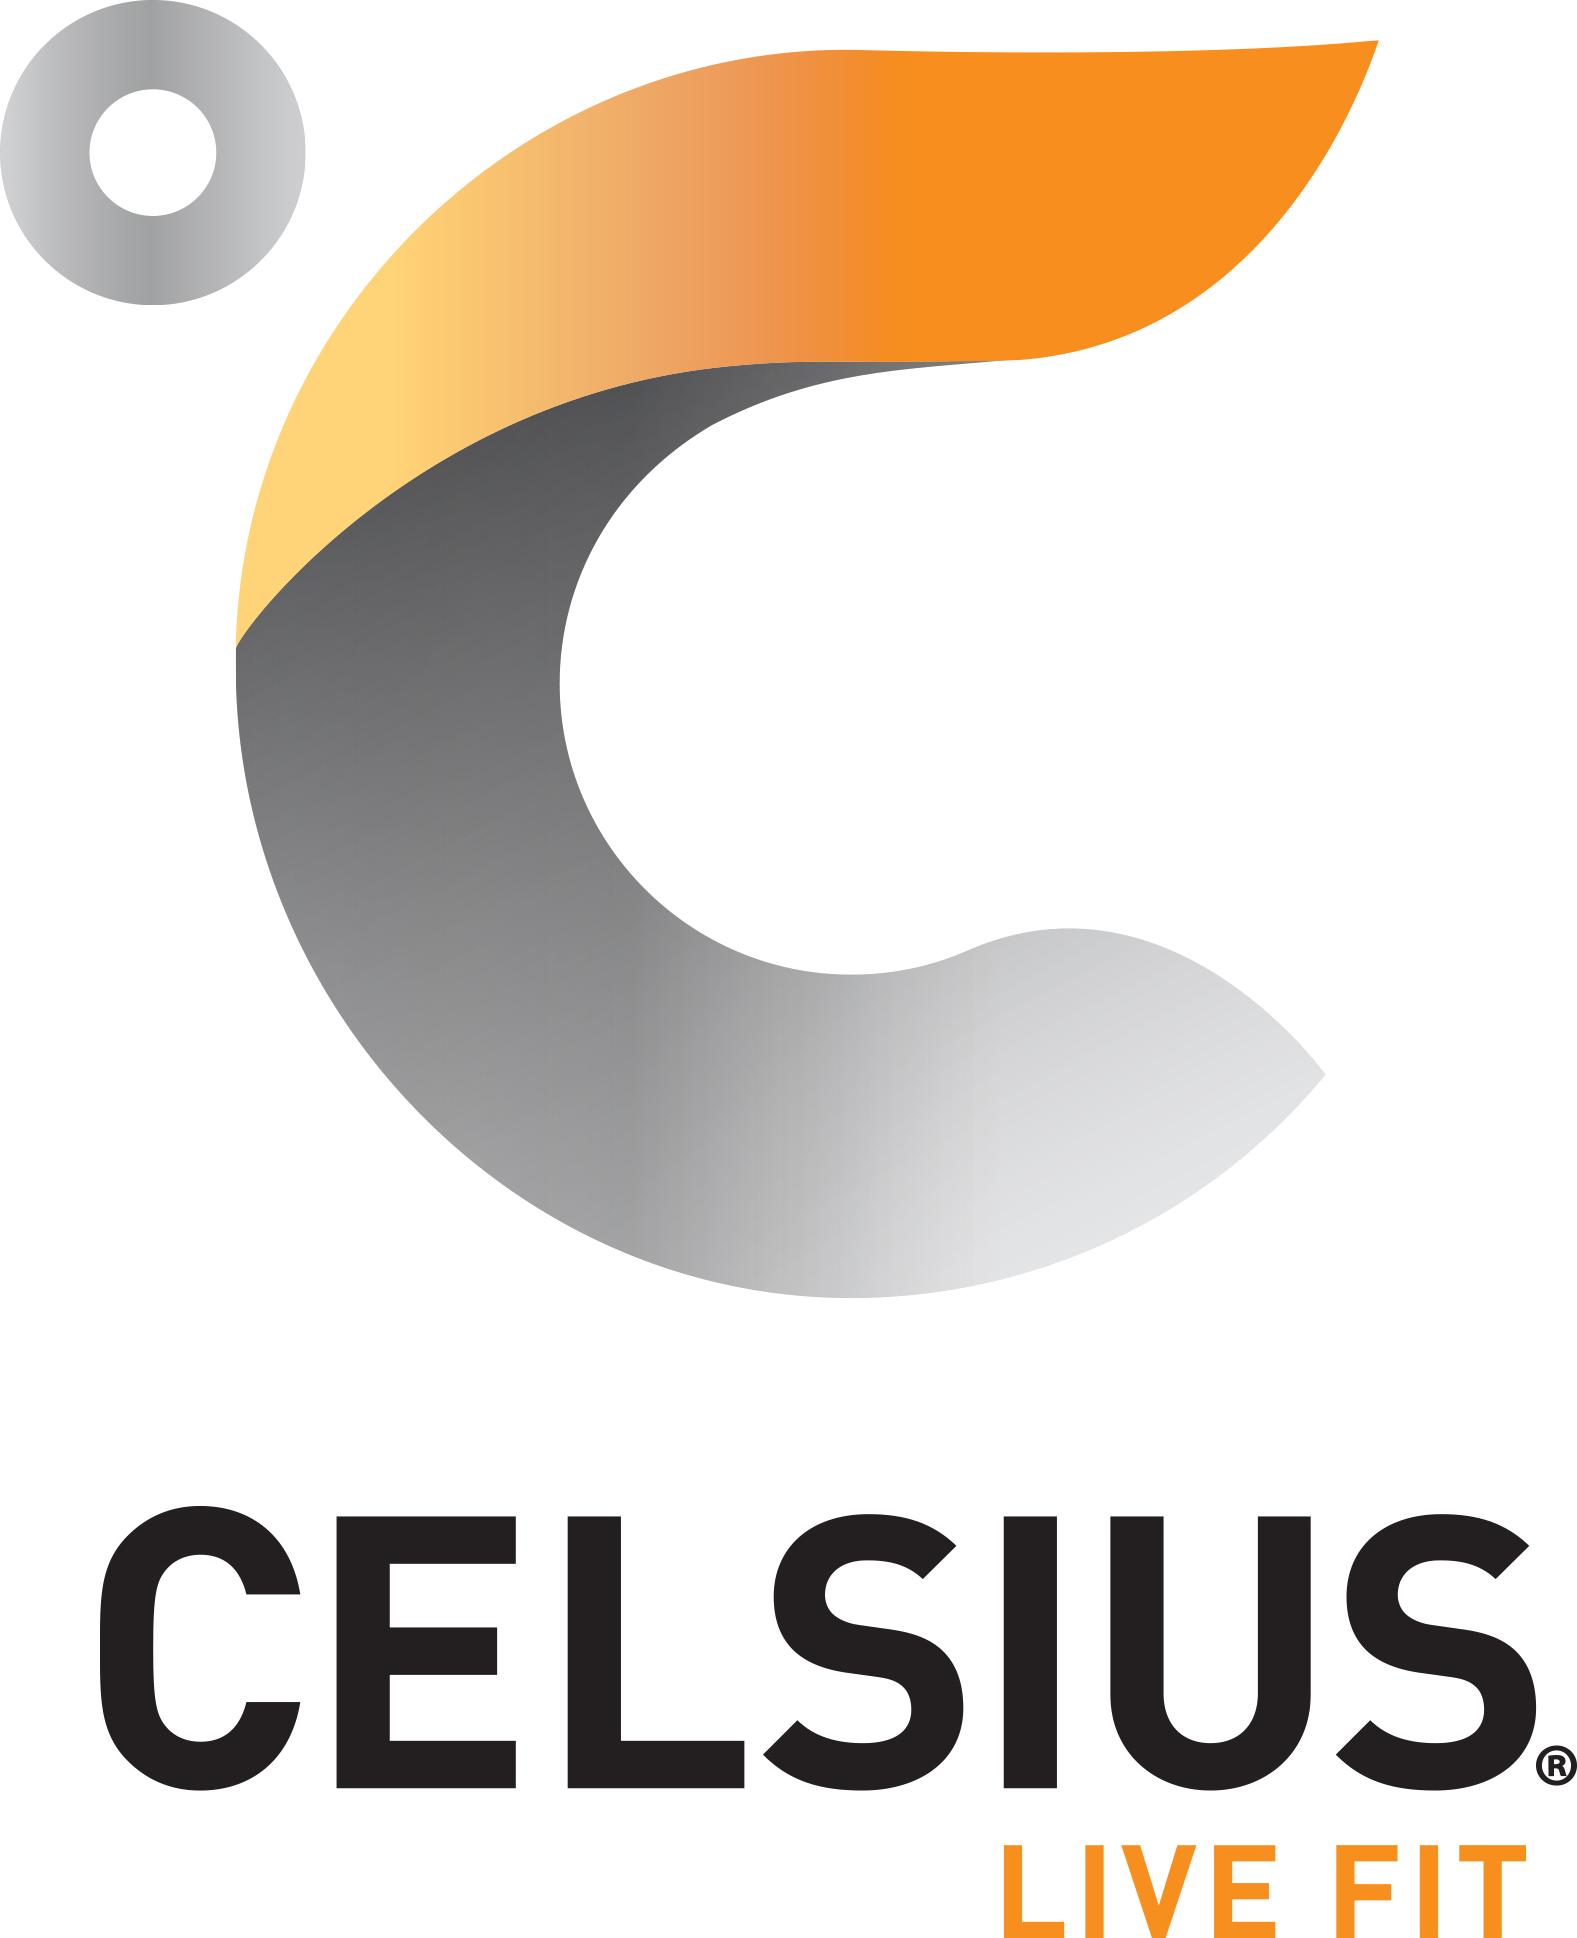 Celsius Logo Transparent.png